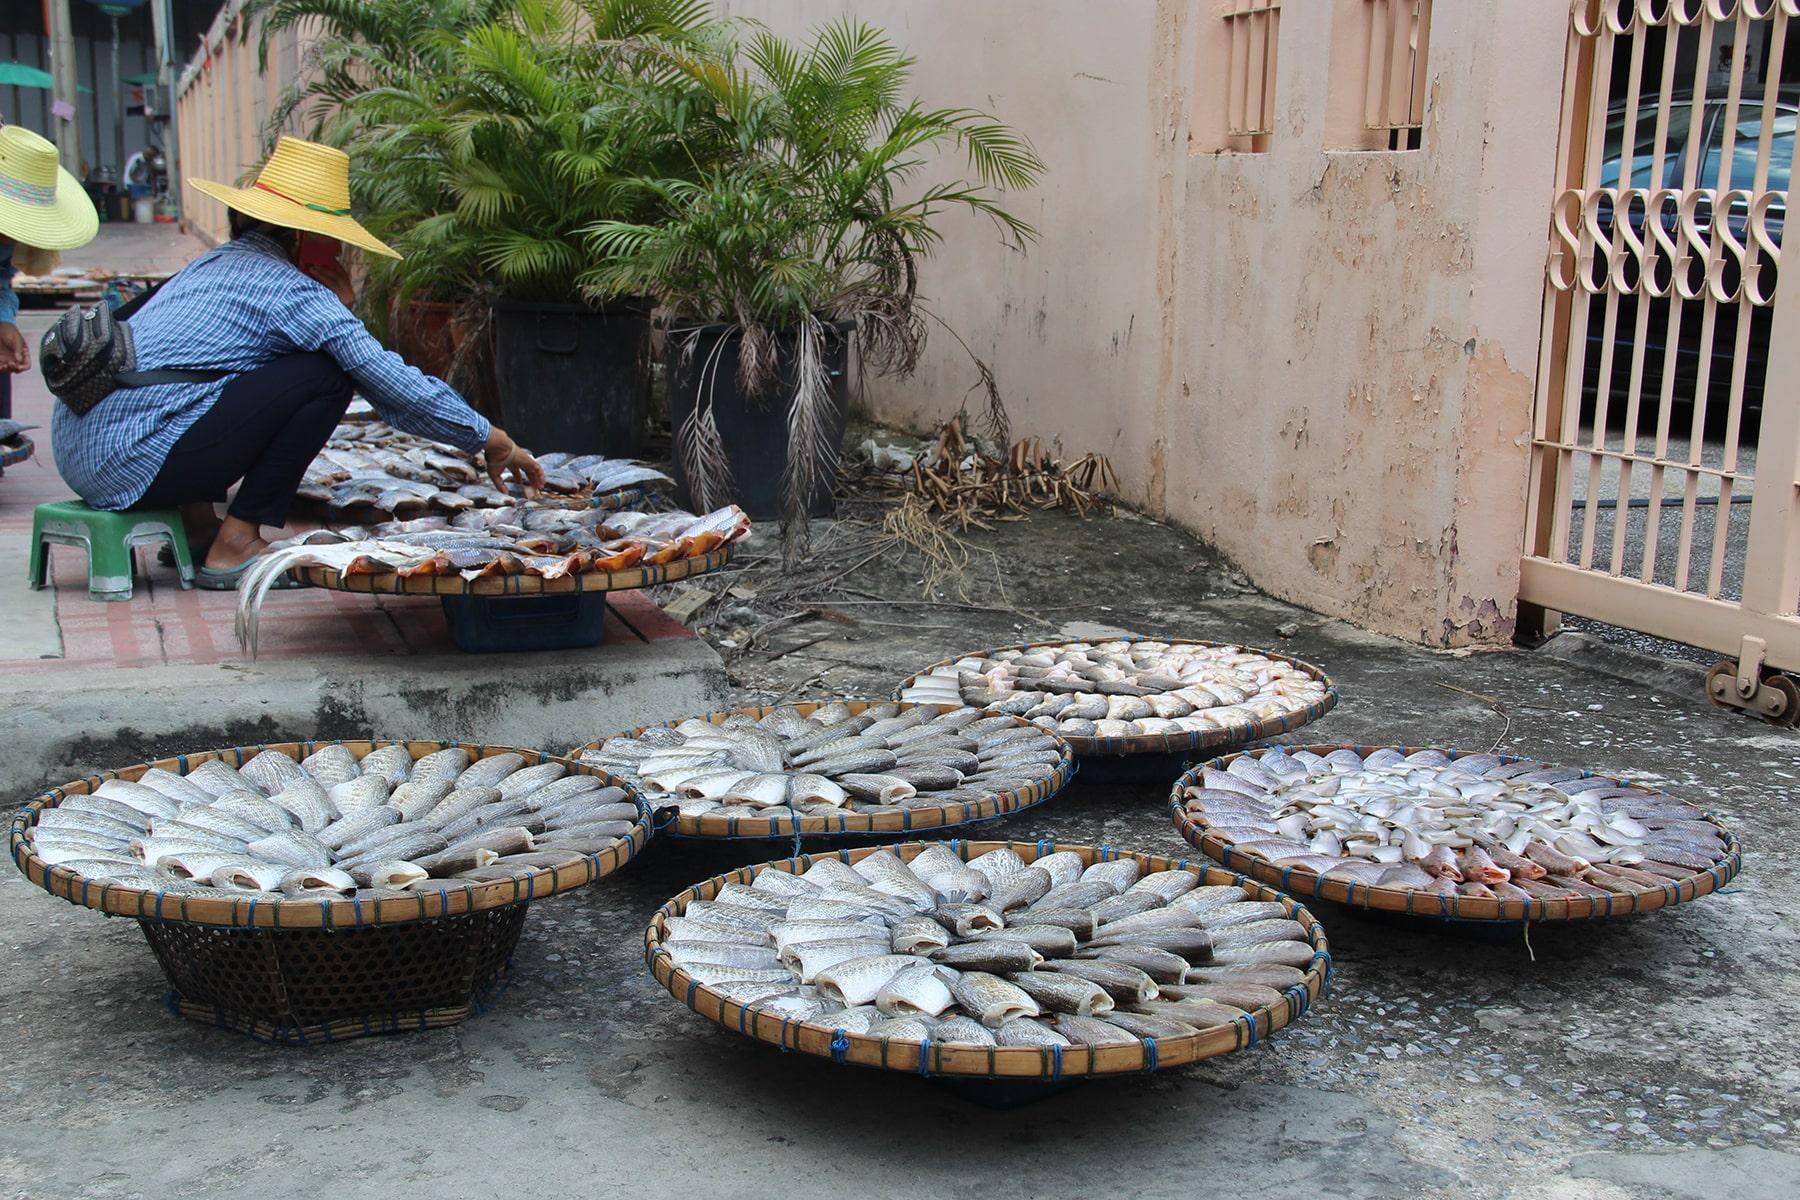 Mercato del pesce sul ciglio della strada